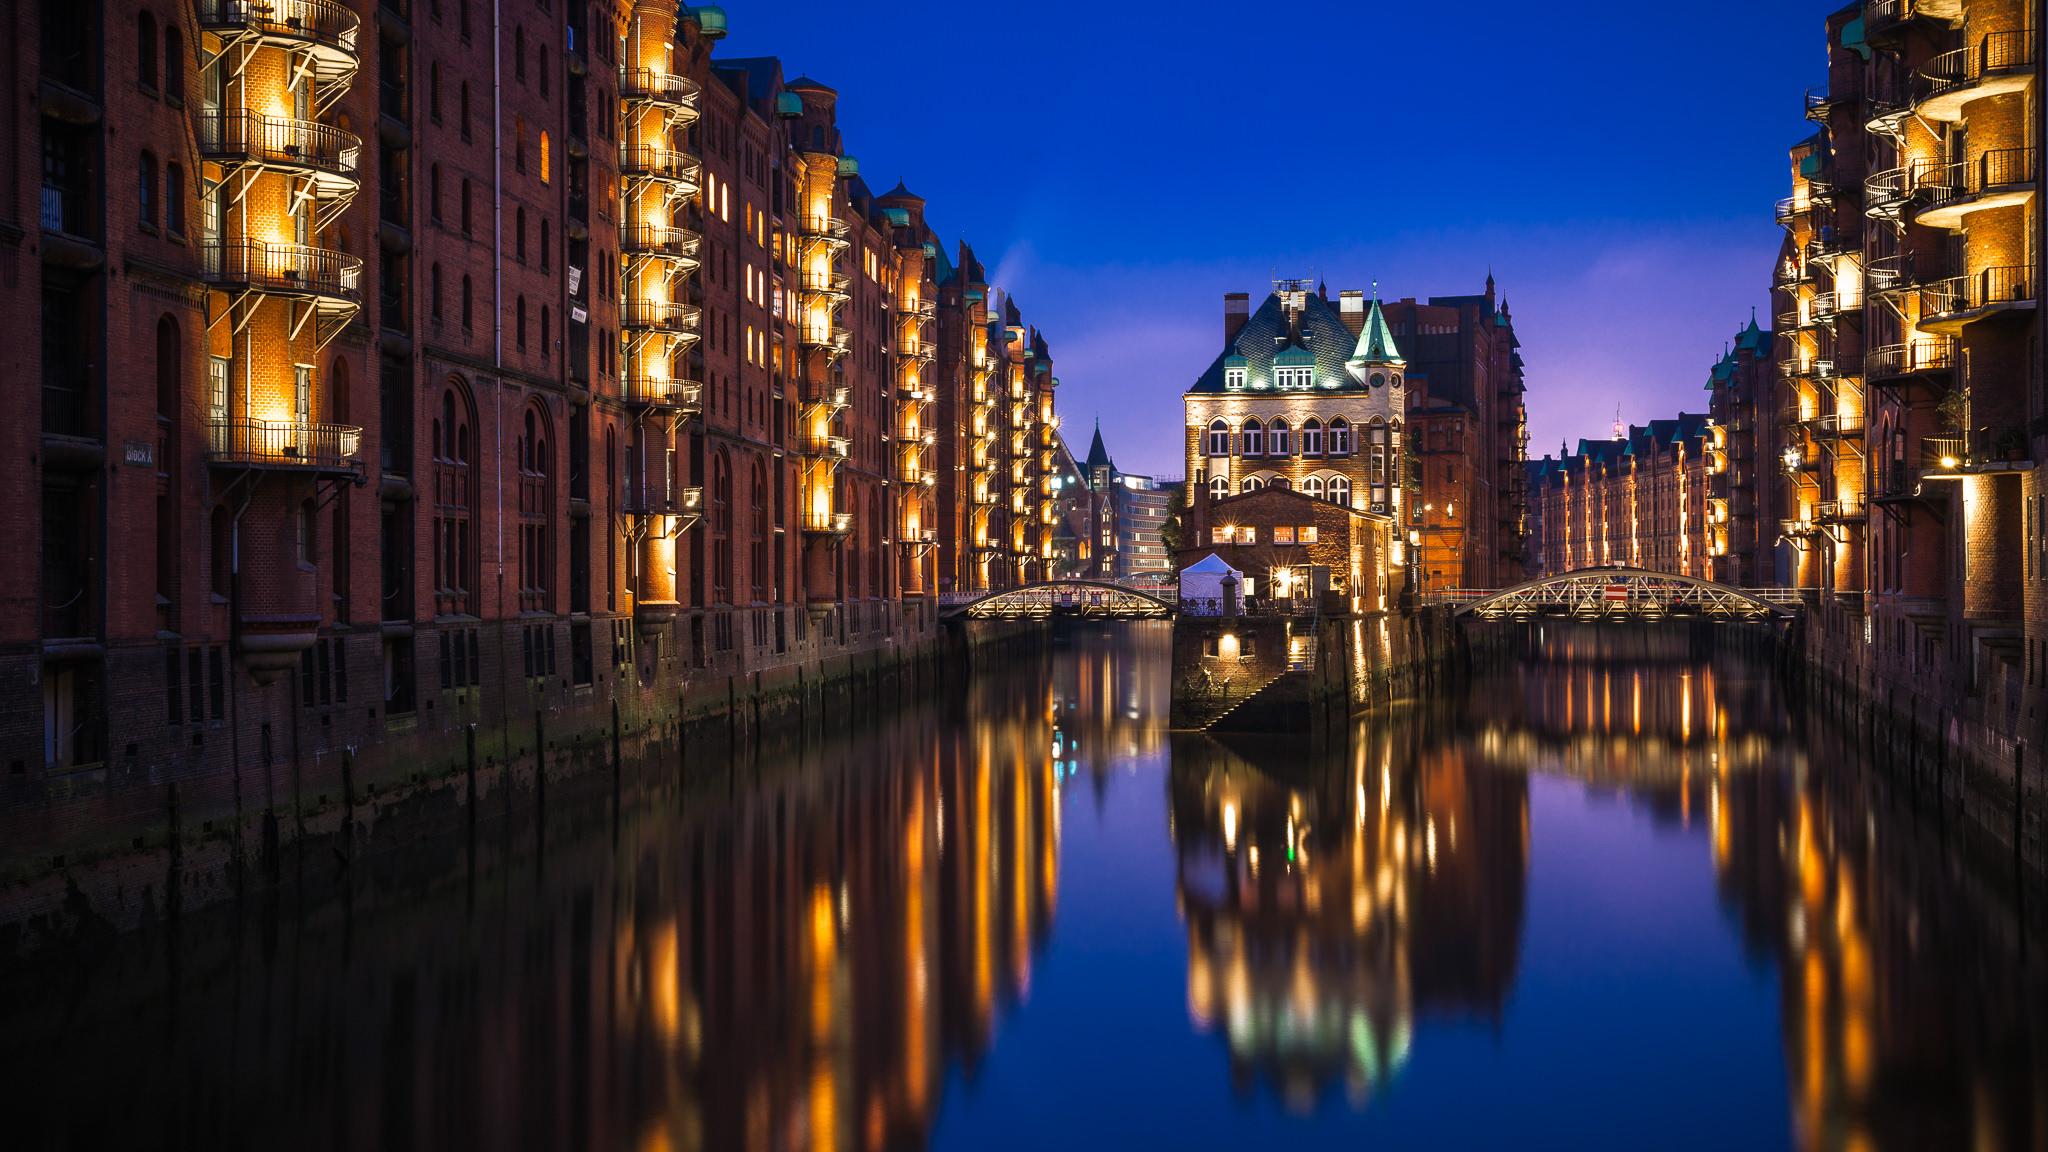 Fotoreise Städteporträt Hamburg – Speicherstadt.jpg